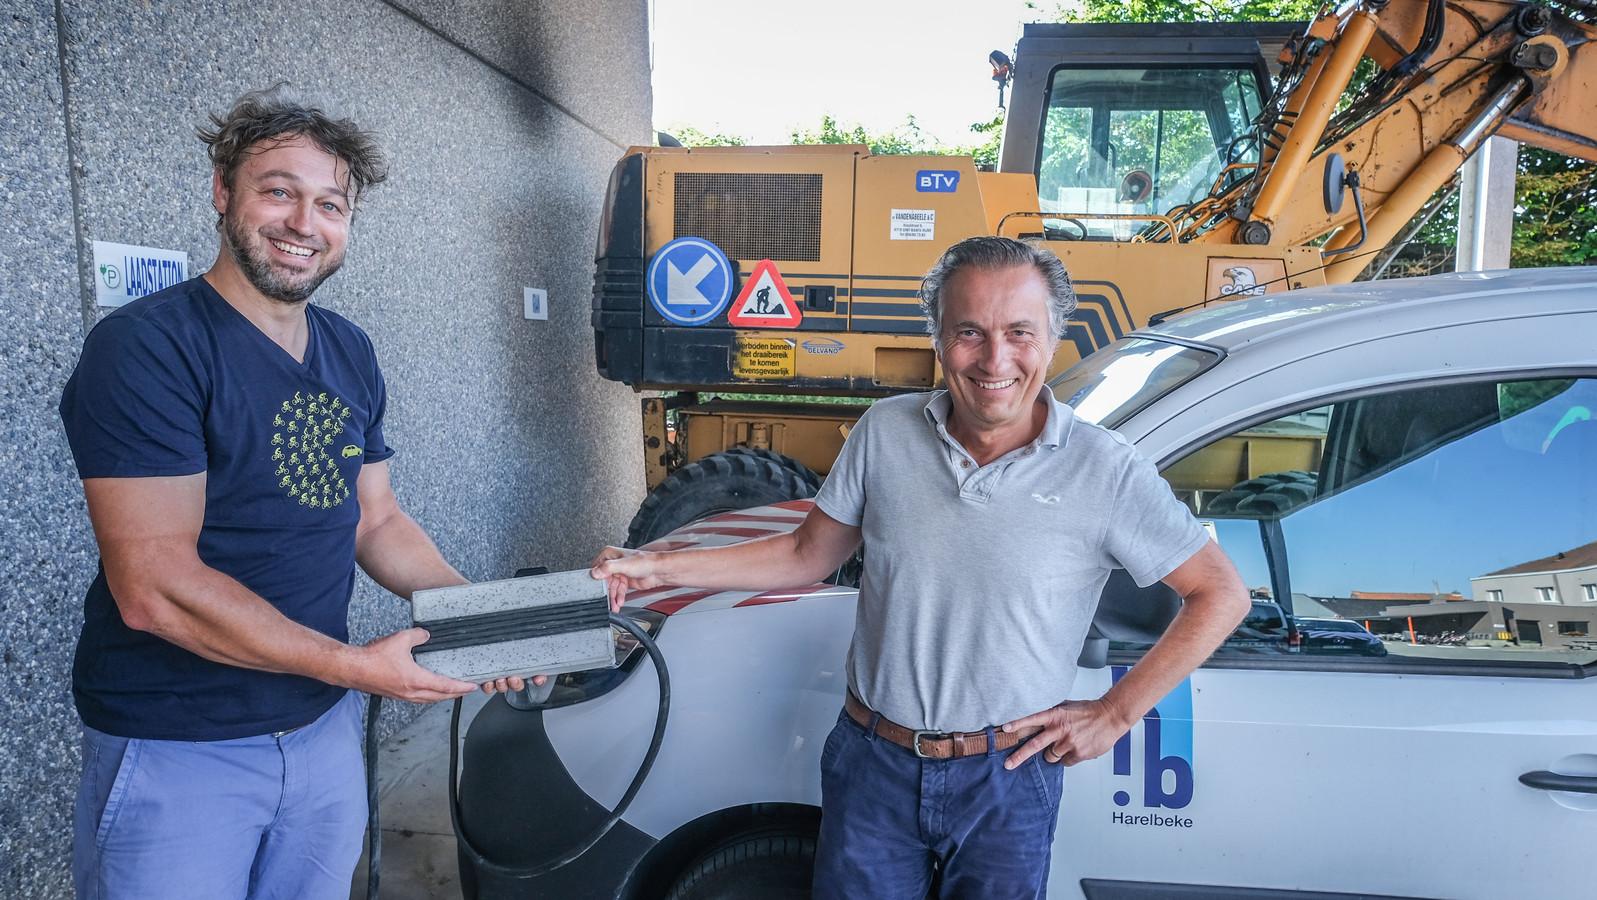 Schepen Tijs Naert (links) en stadsmedewerker Kris Buys (rechts) tonen zo'n 'kabelgoottegel'.